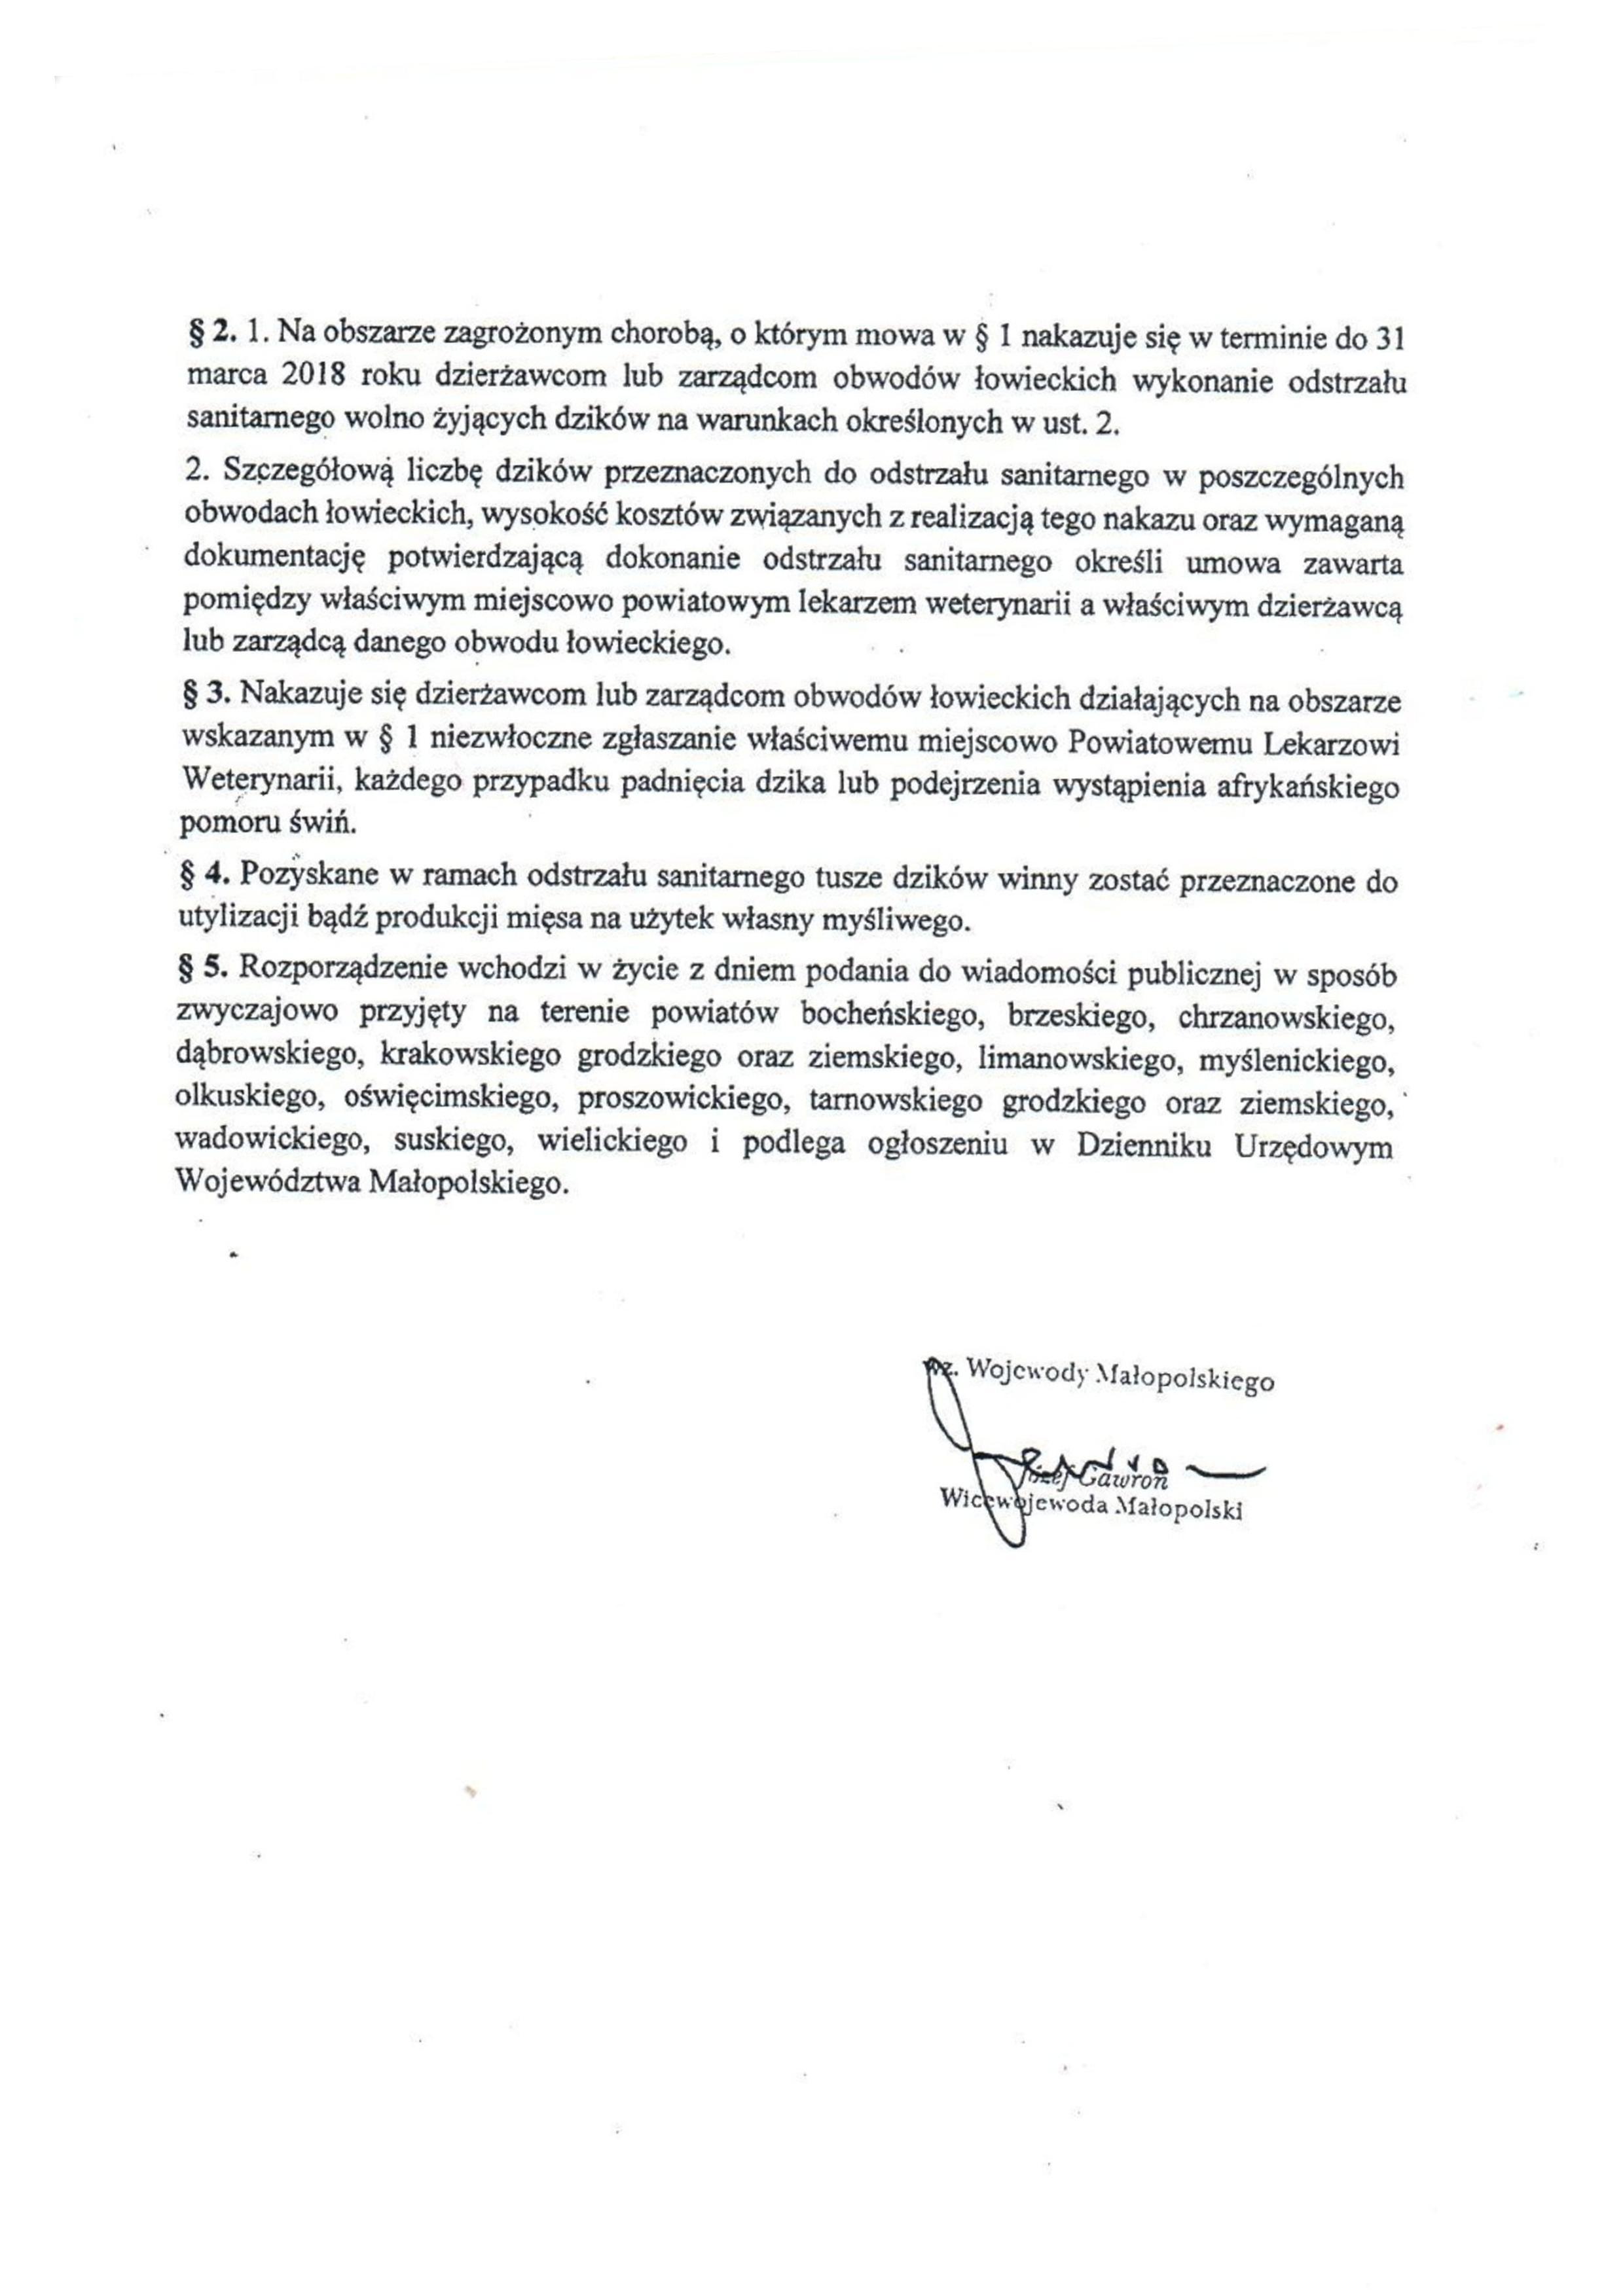 rozporządzenie wojewody w sprawie odstrzału sanitarnego dzików